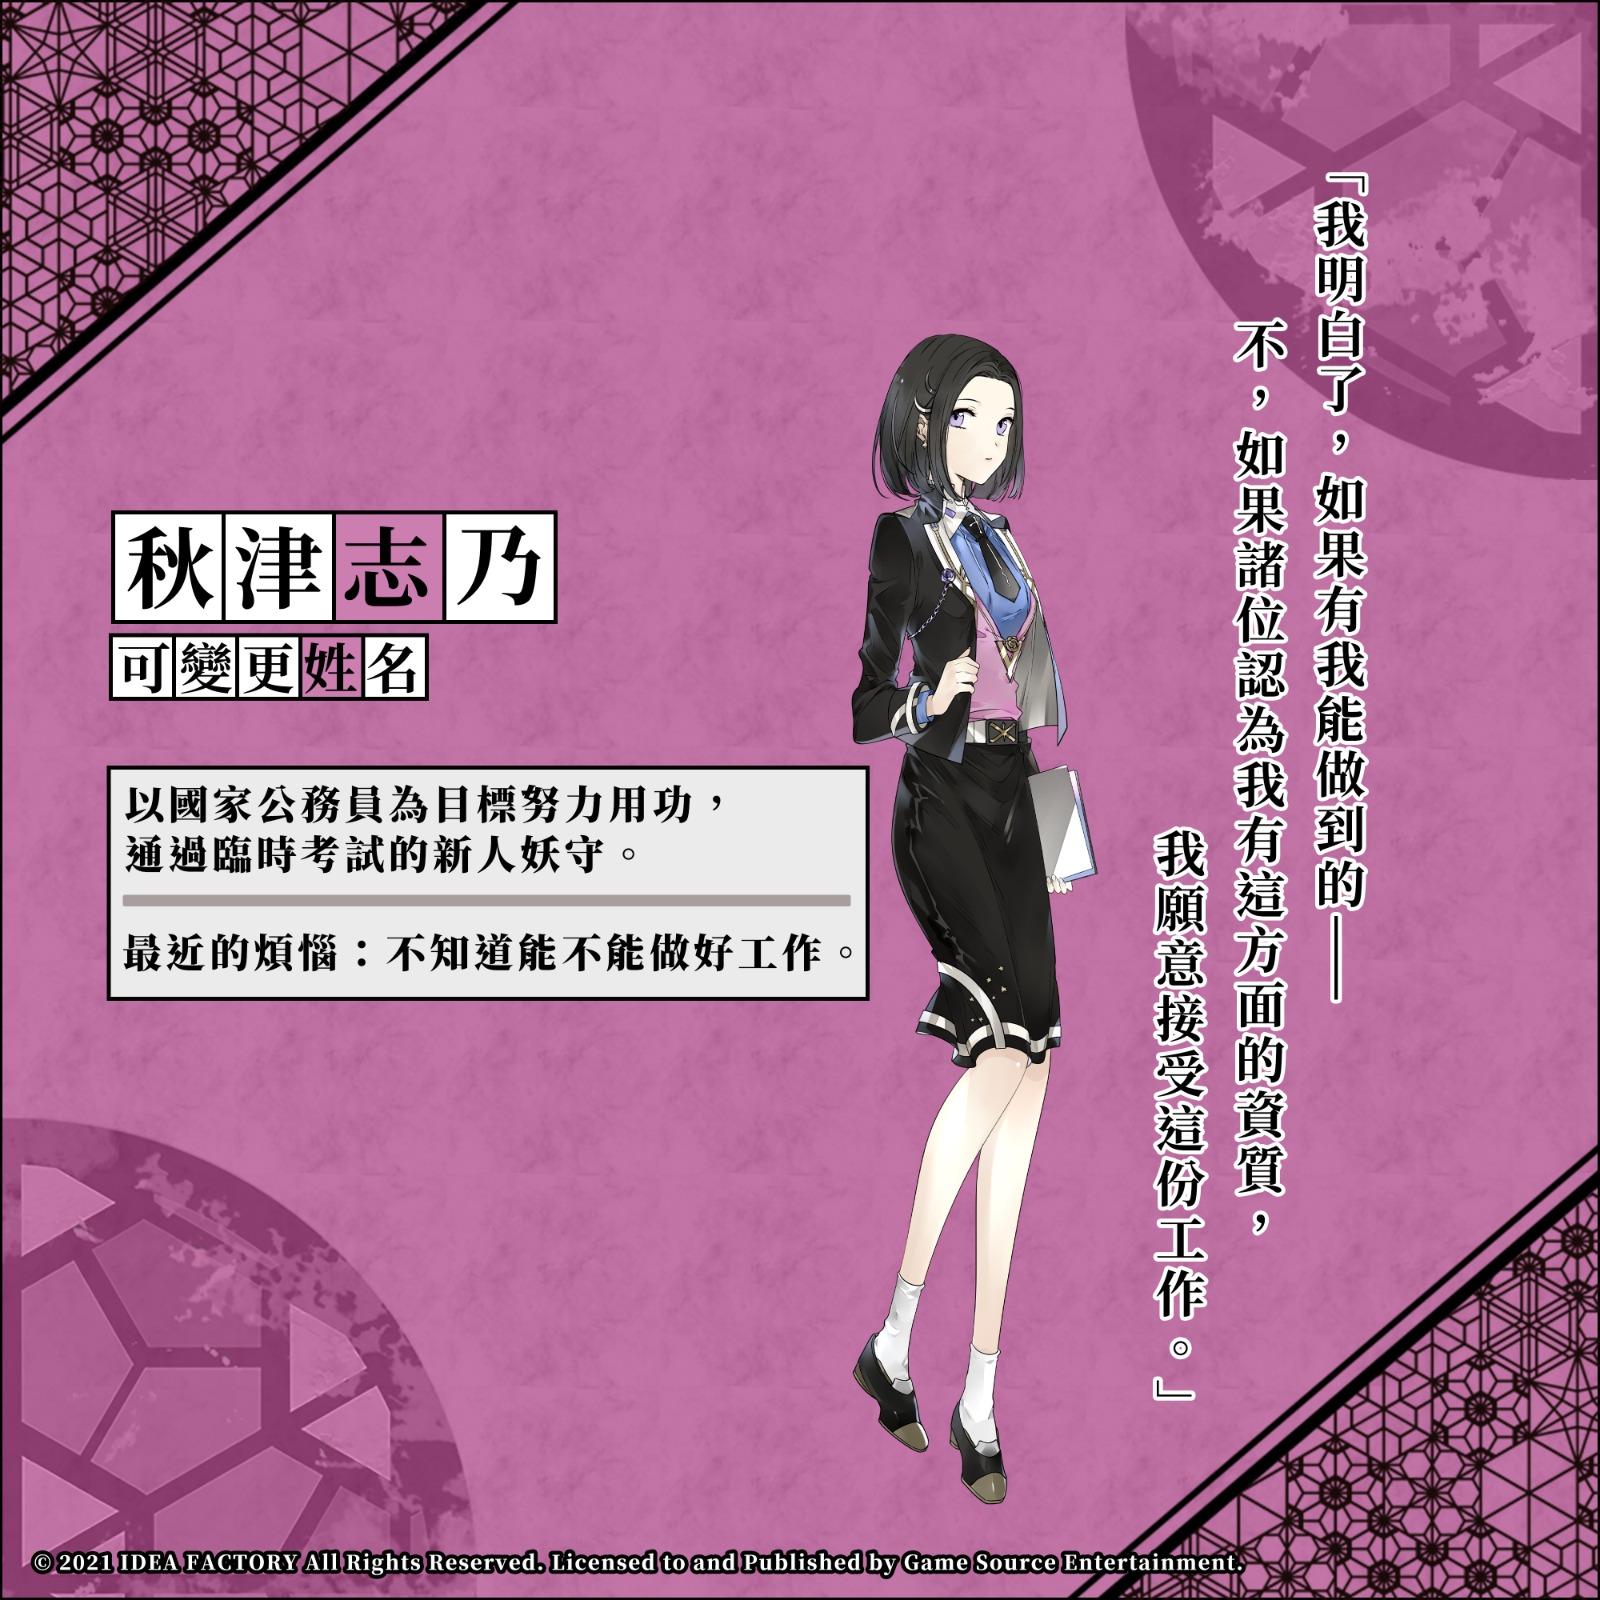 第六妖守, Dairoku Ayakashimori, 秋津志乃, Game Source Entertainment, GSE,